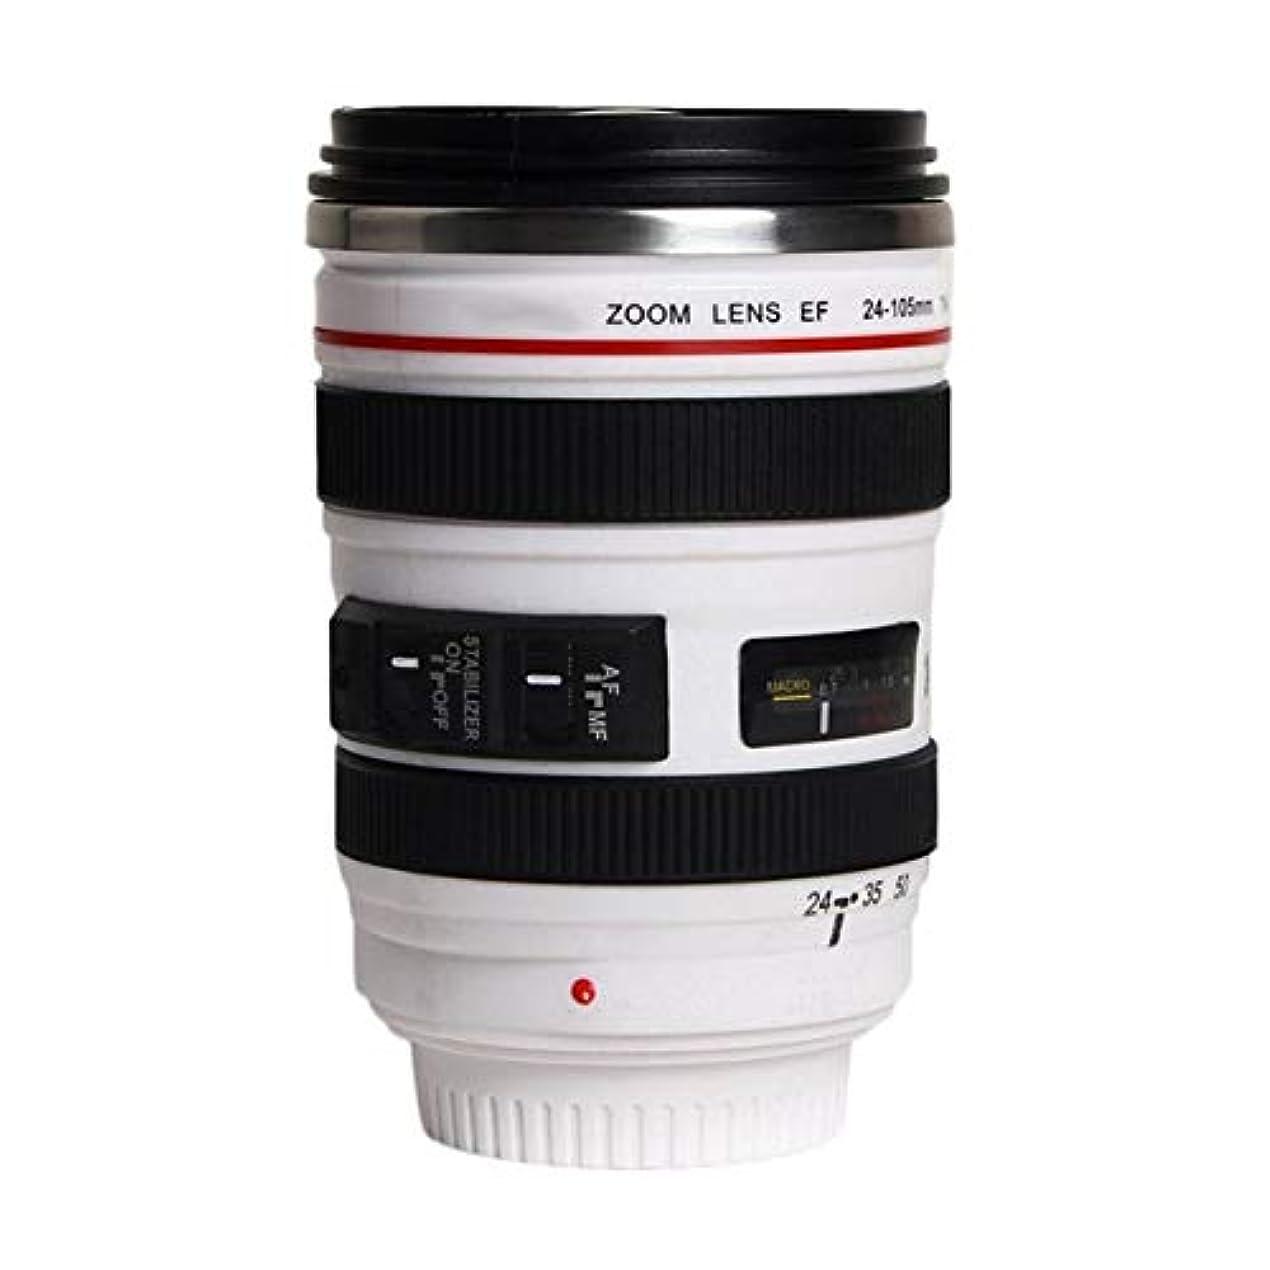 裁量申し立てられた無限大Saikogoods ファッション1PCS耐久DIYステンレス鋼真空フラスコ旅行コーヒーマグカップ水コーヒーティーカメラレンズカップのふたギフト付き 白